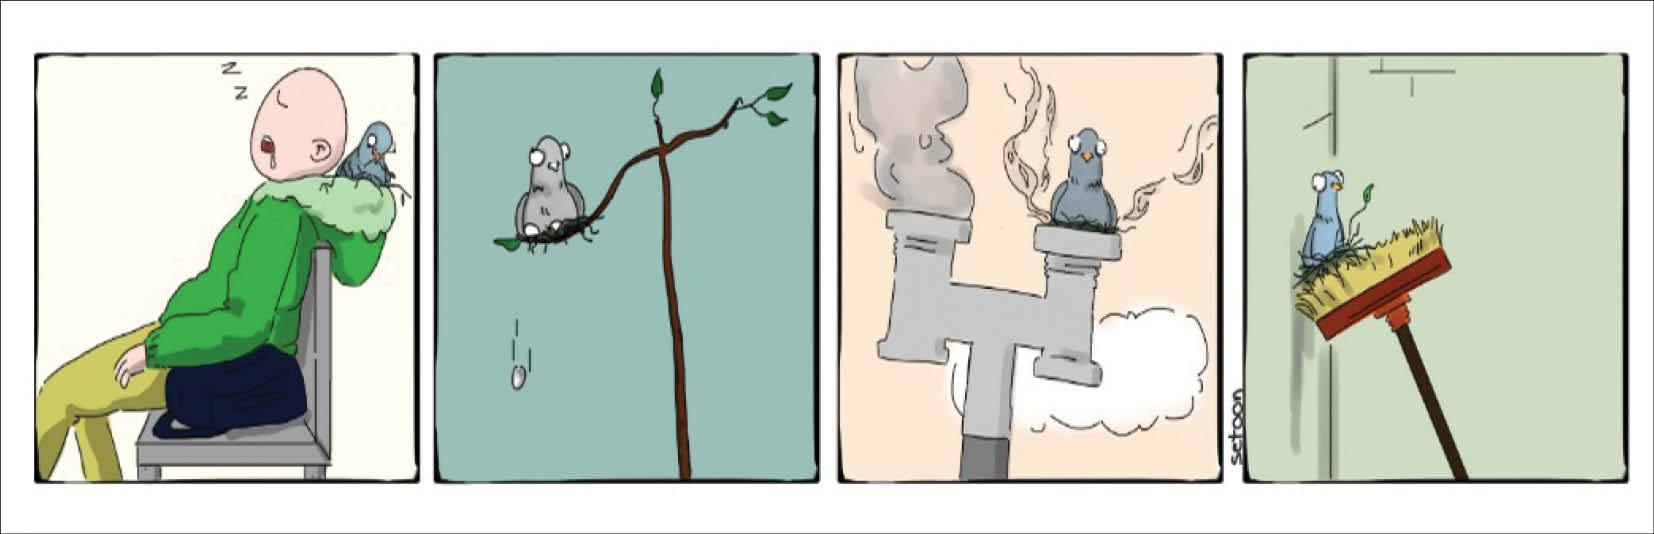 کارتونیست:صدیقه جعفریان